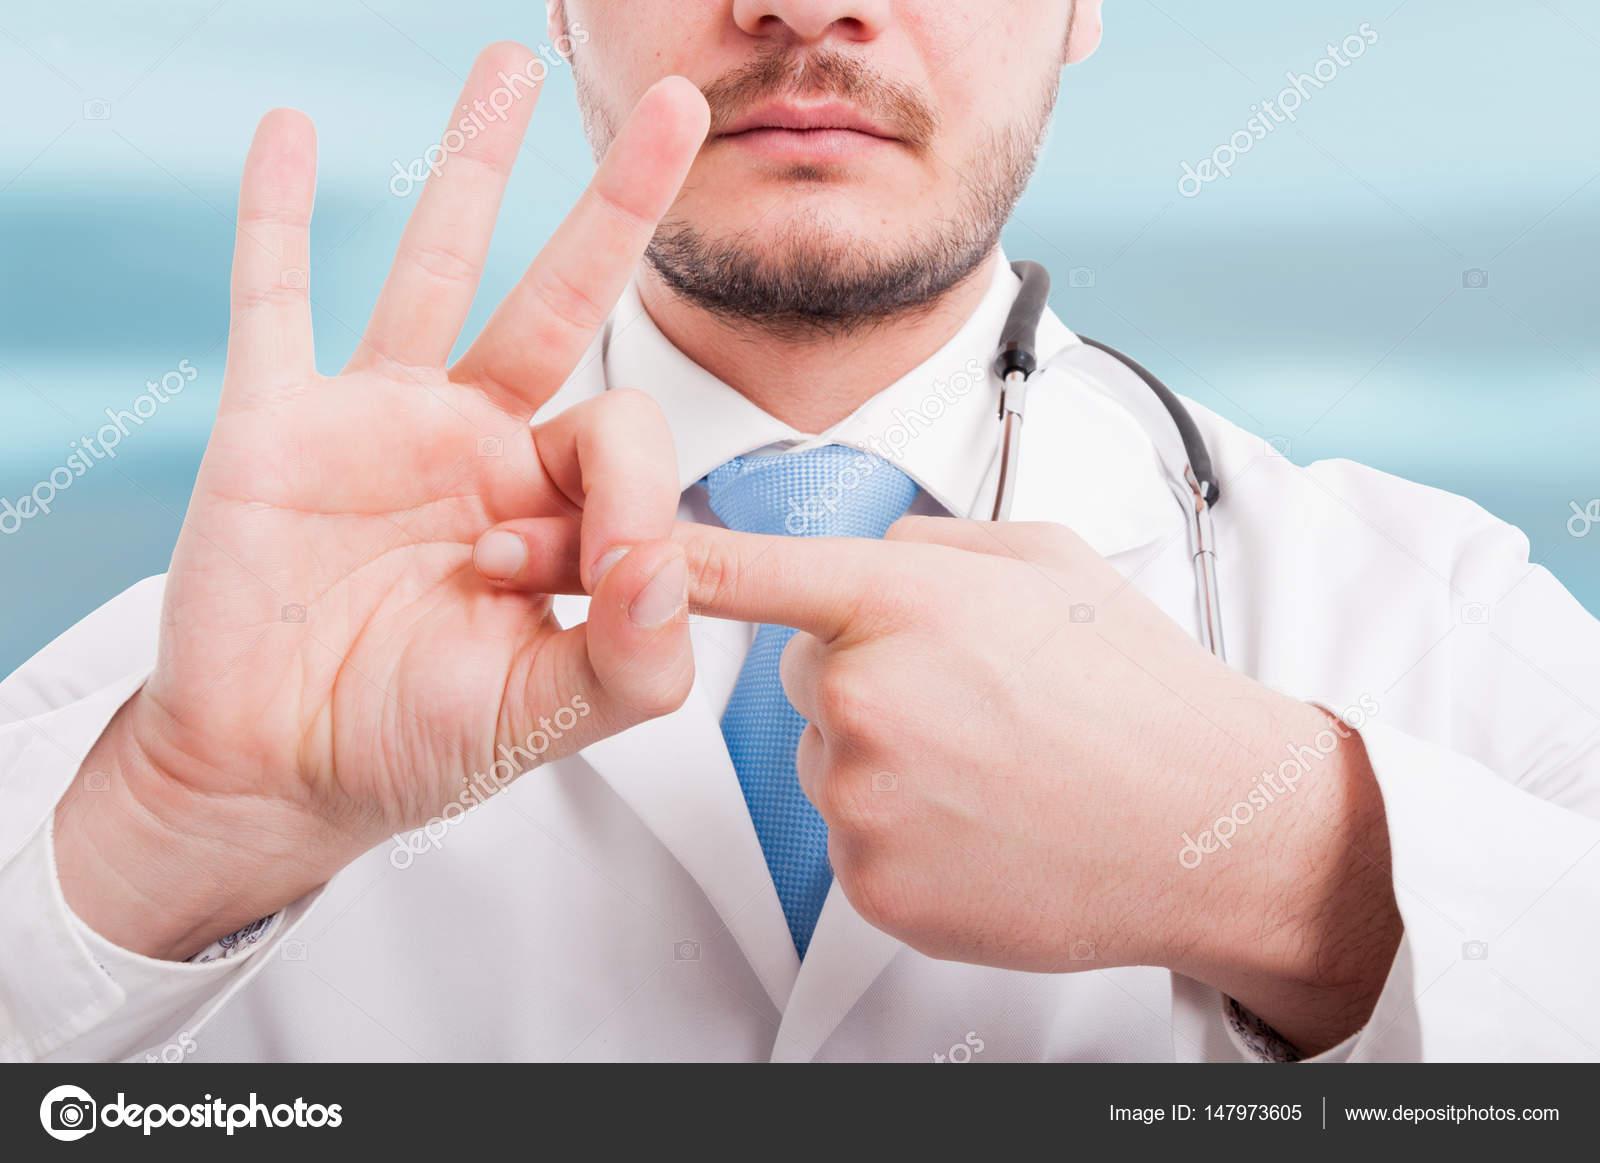 Фото крупный план у гинеколога, девушки в капроновых колготках фото